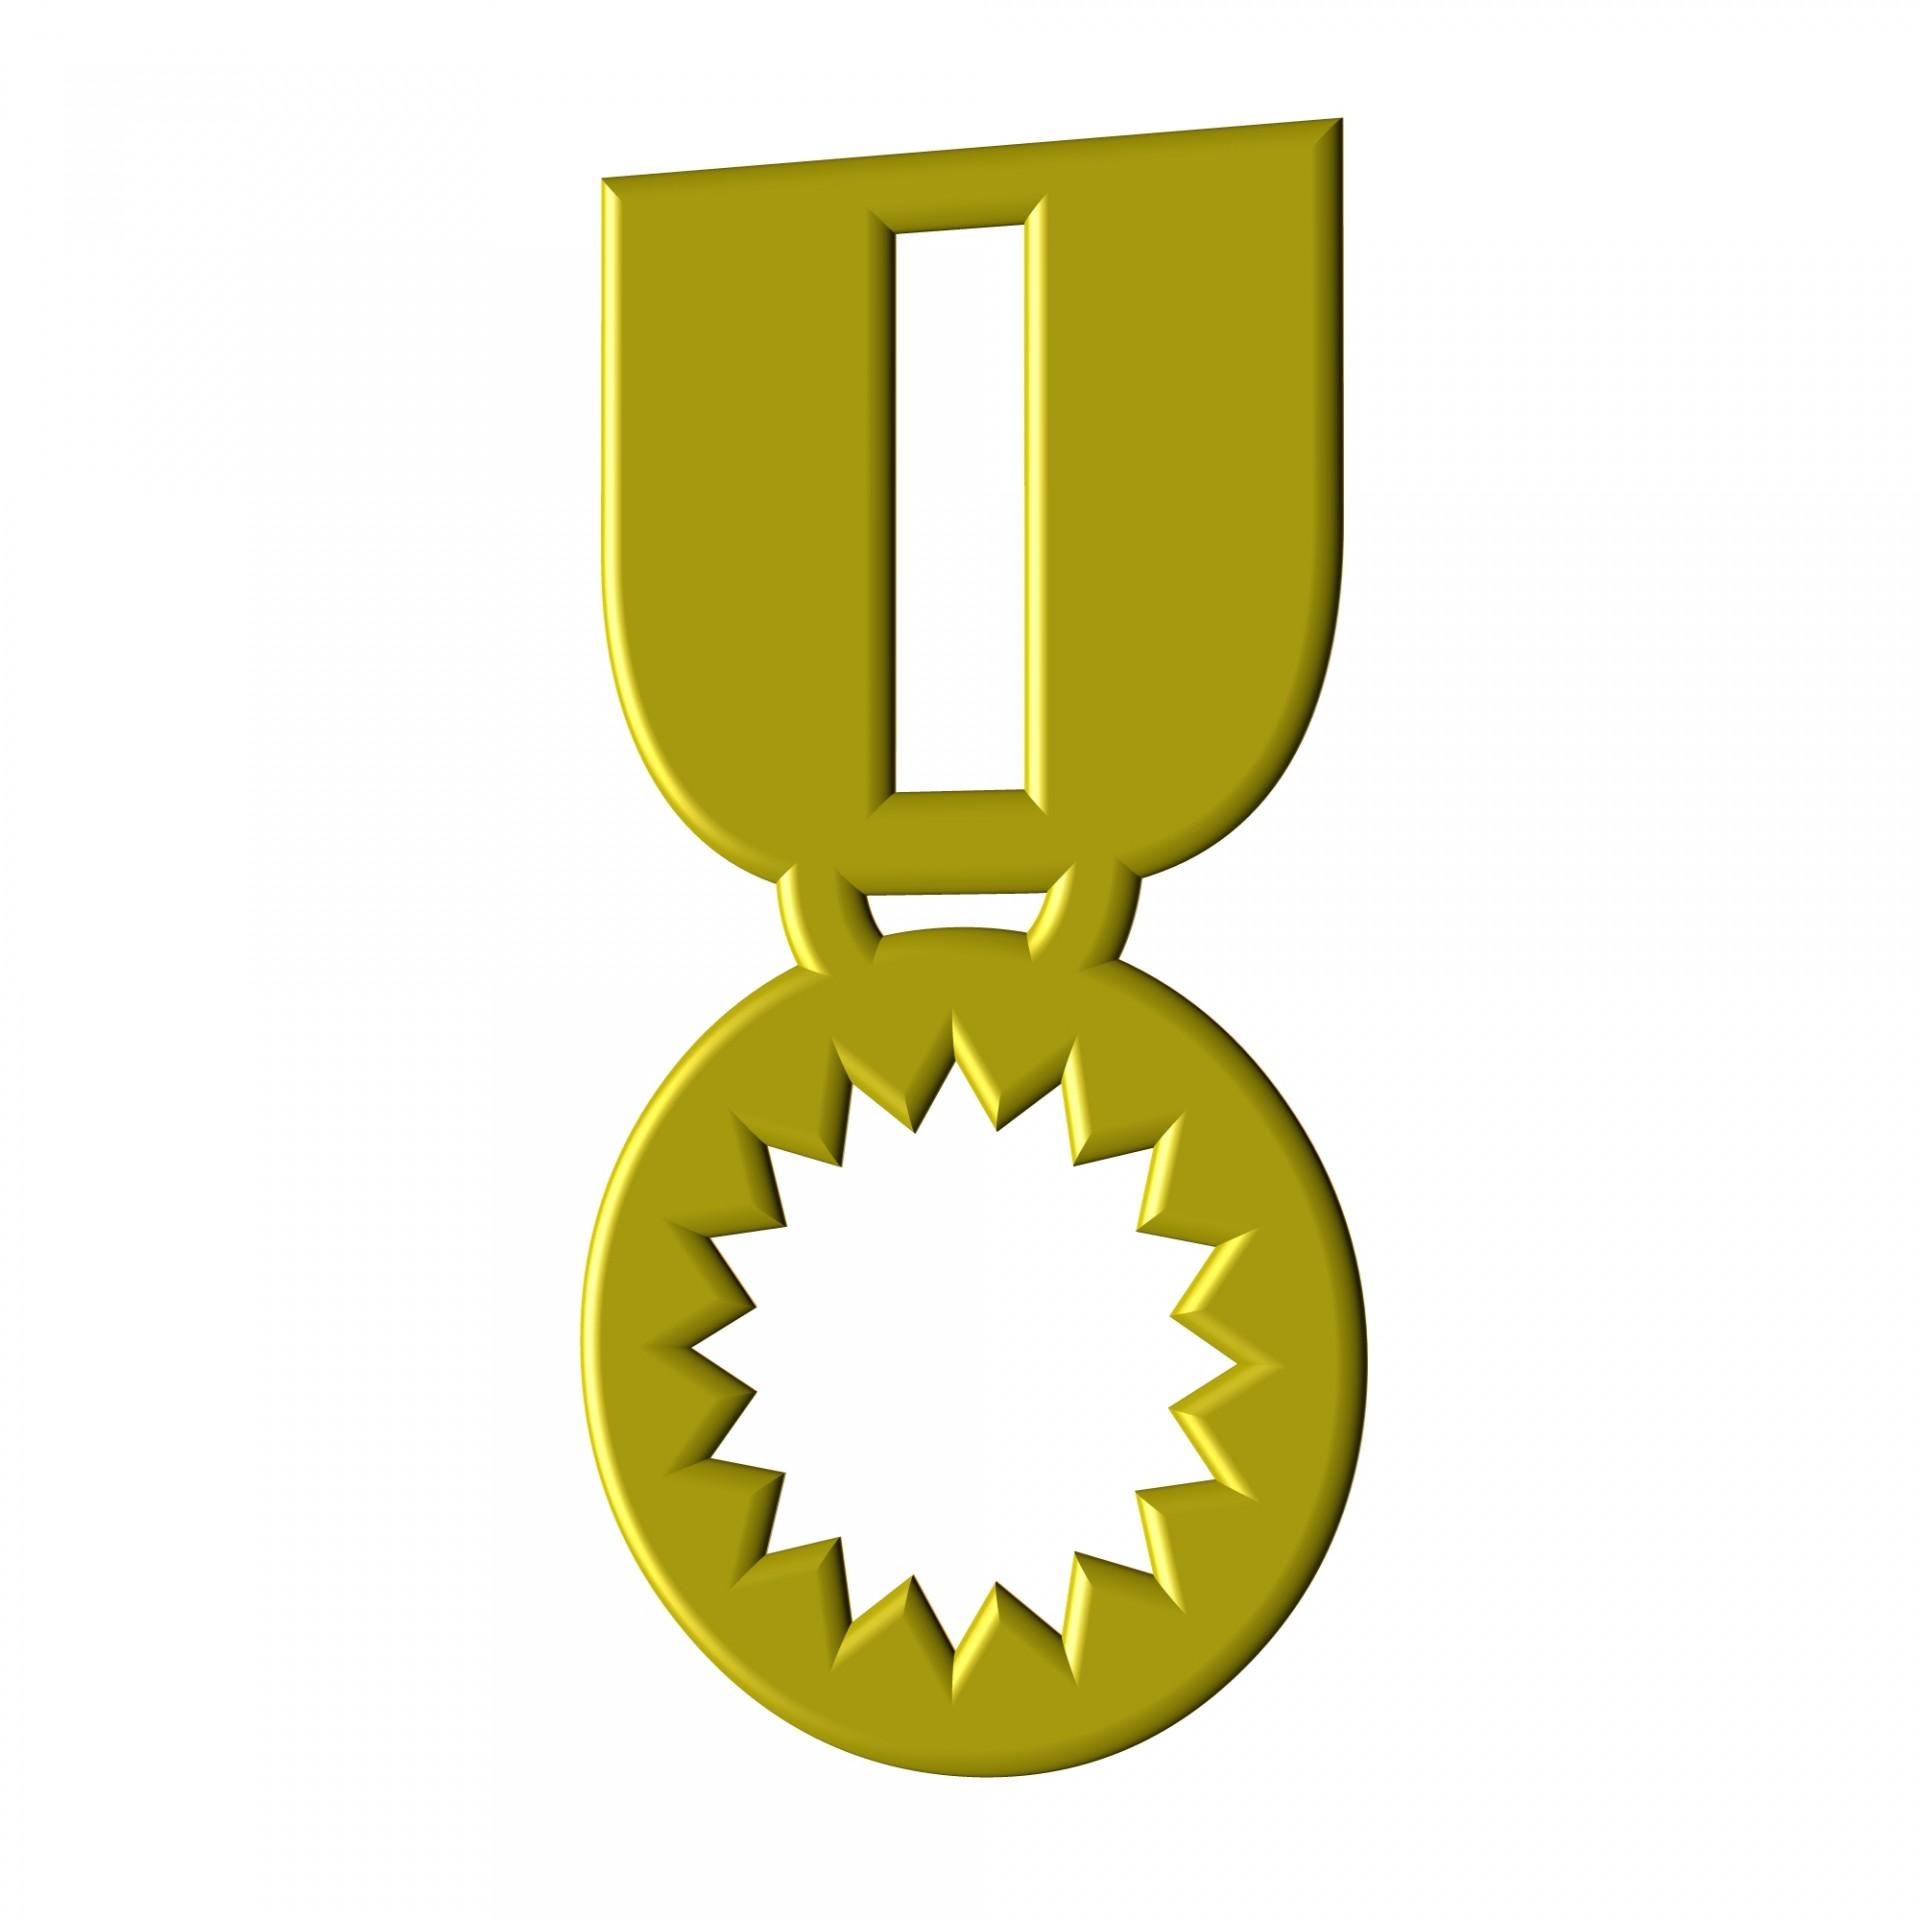 award medals sign symbols - 640×640